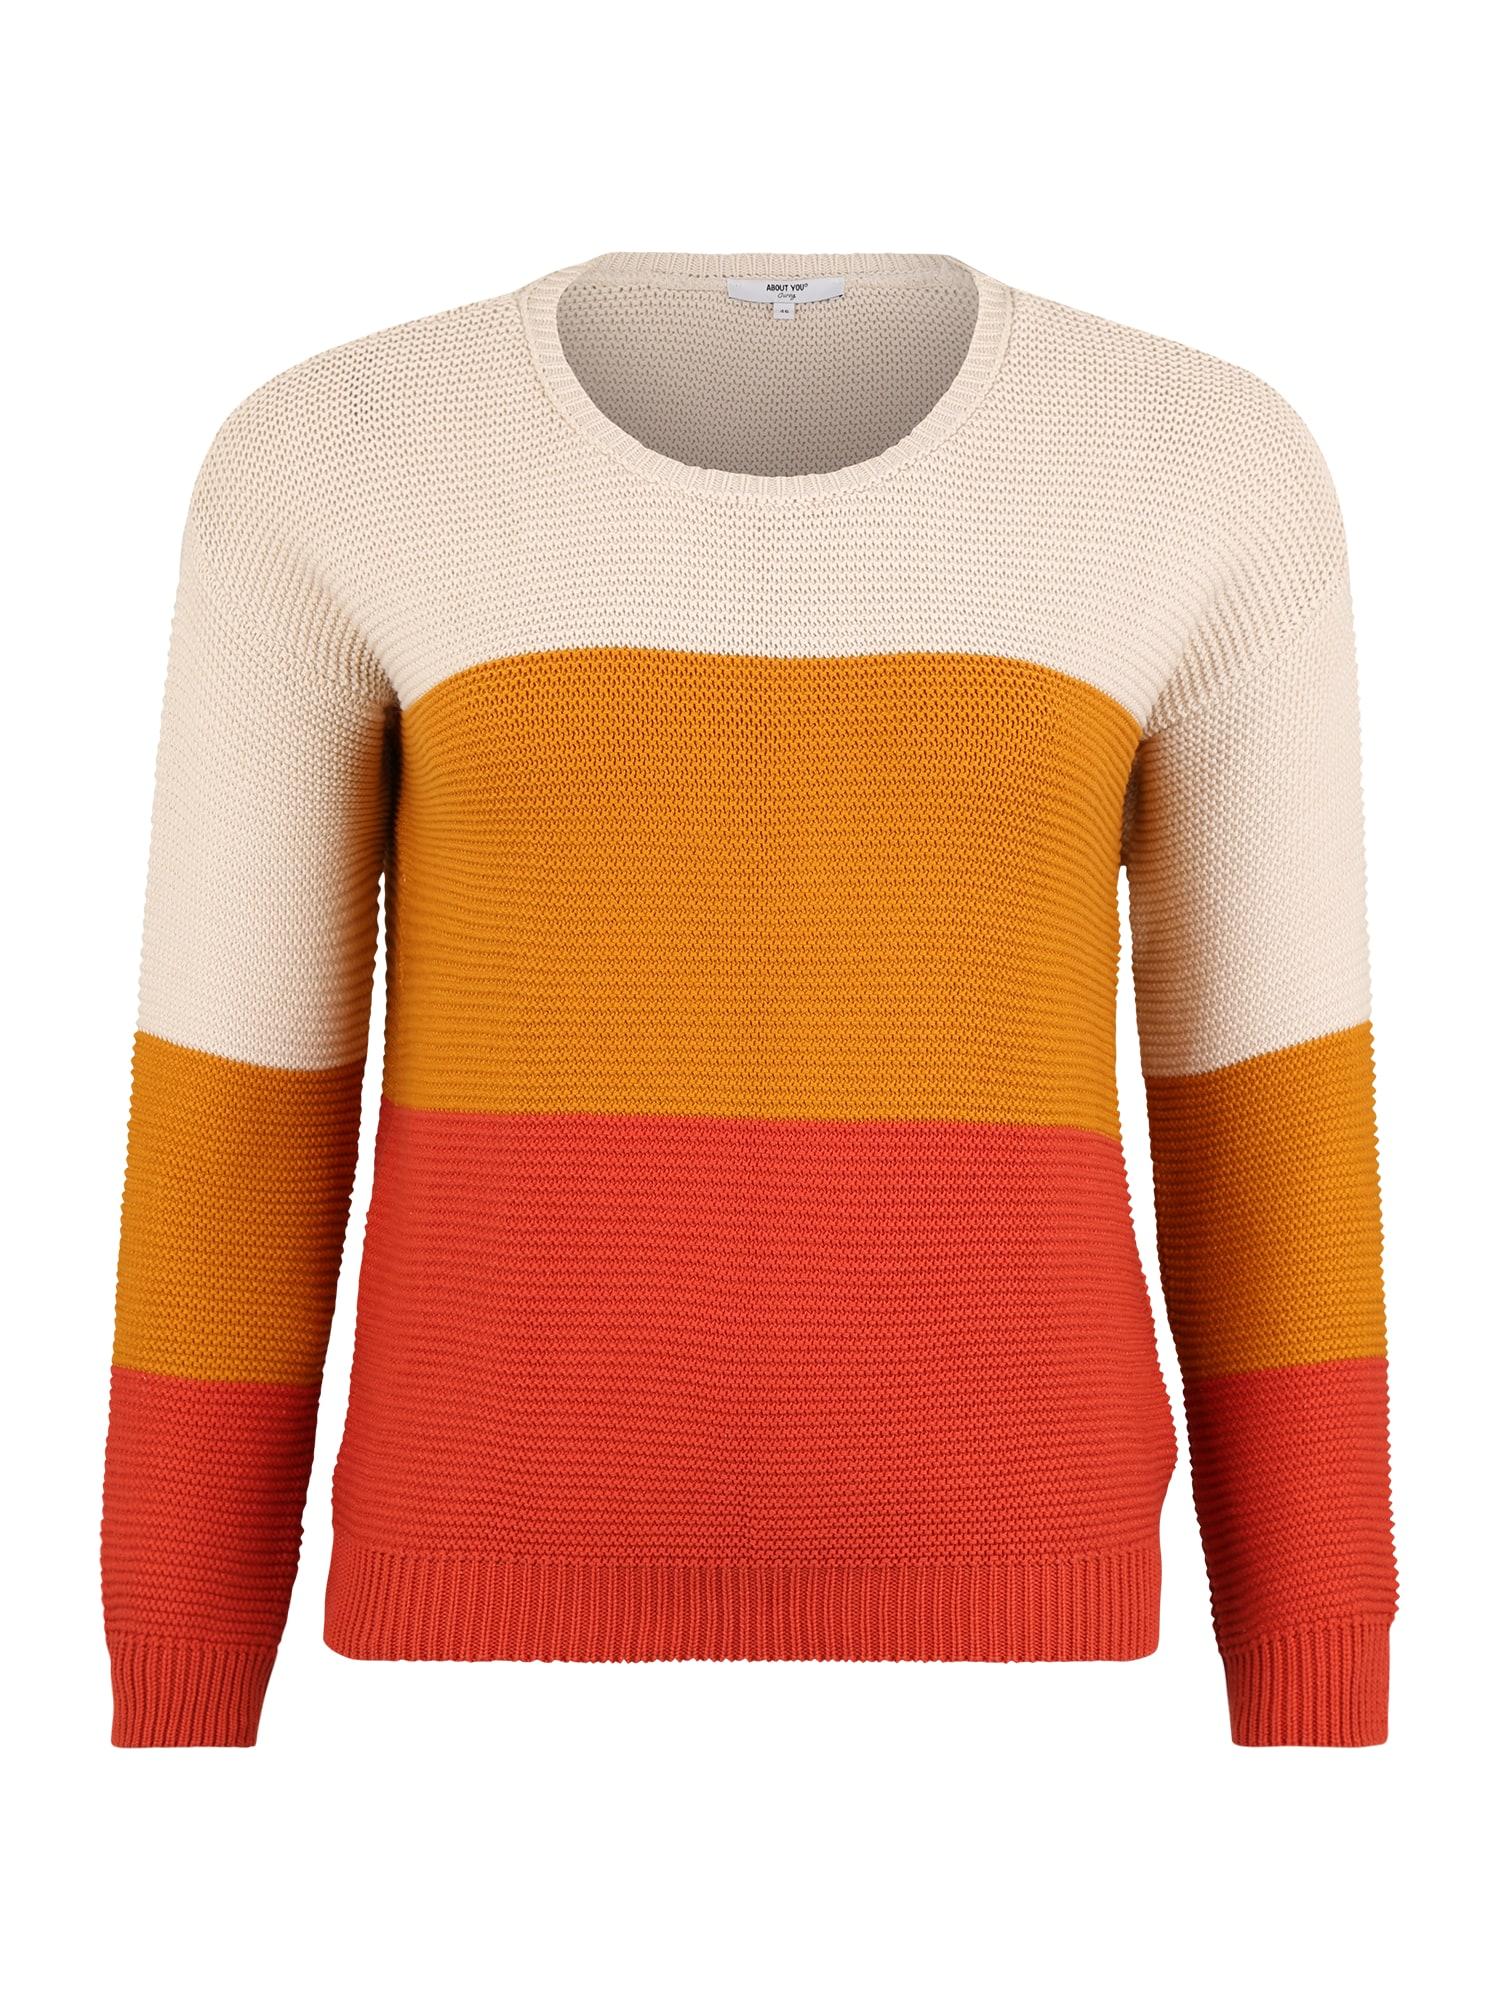 ABOUT YOU Curvy Megztinis 'Brenda' rūdžių raudona / kremo / geltona